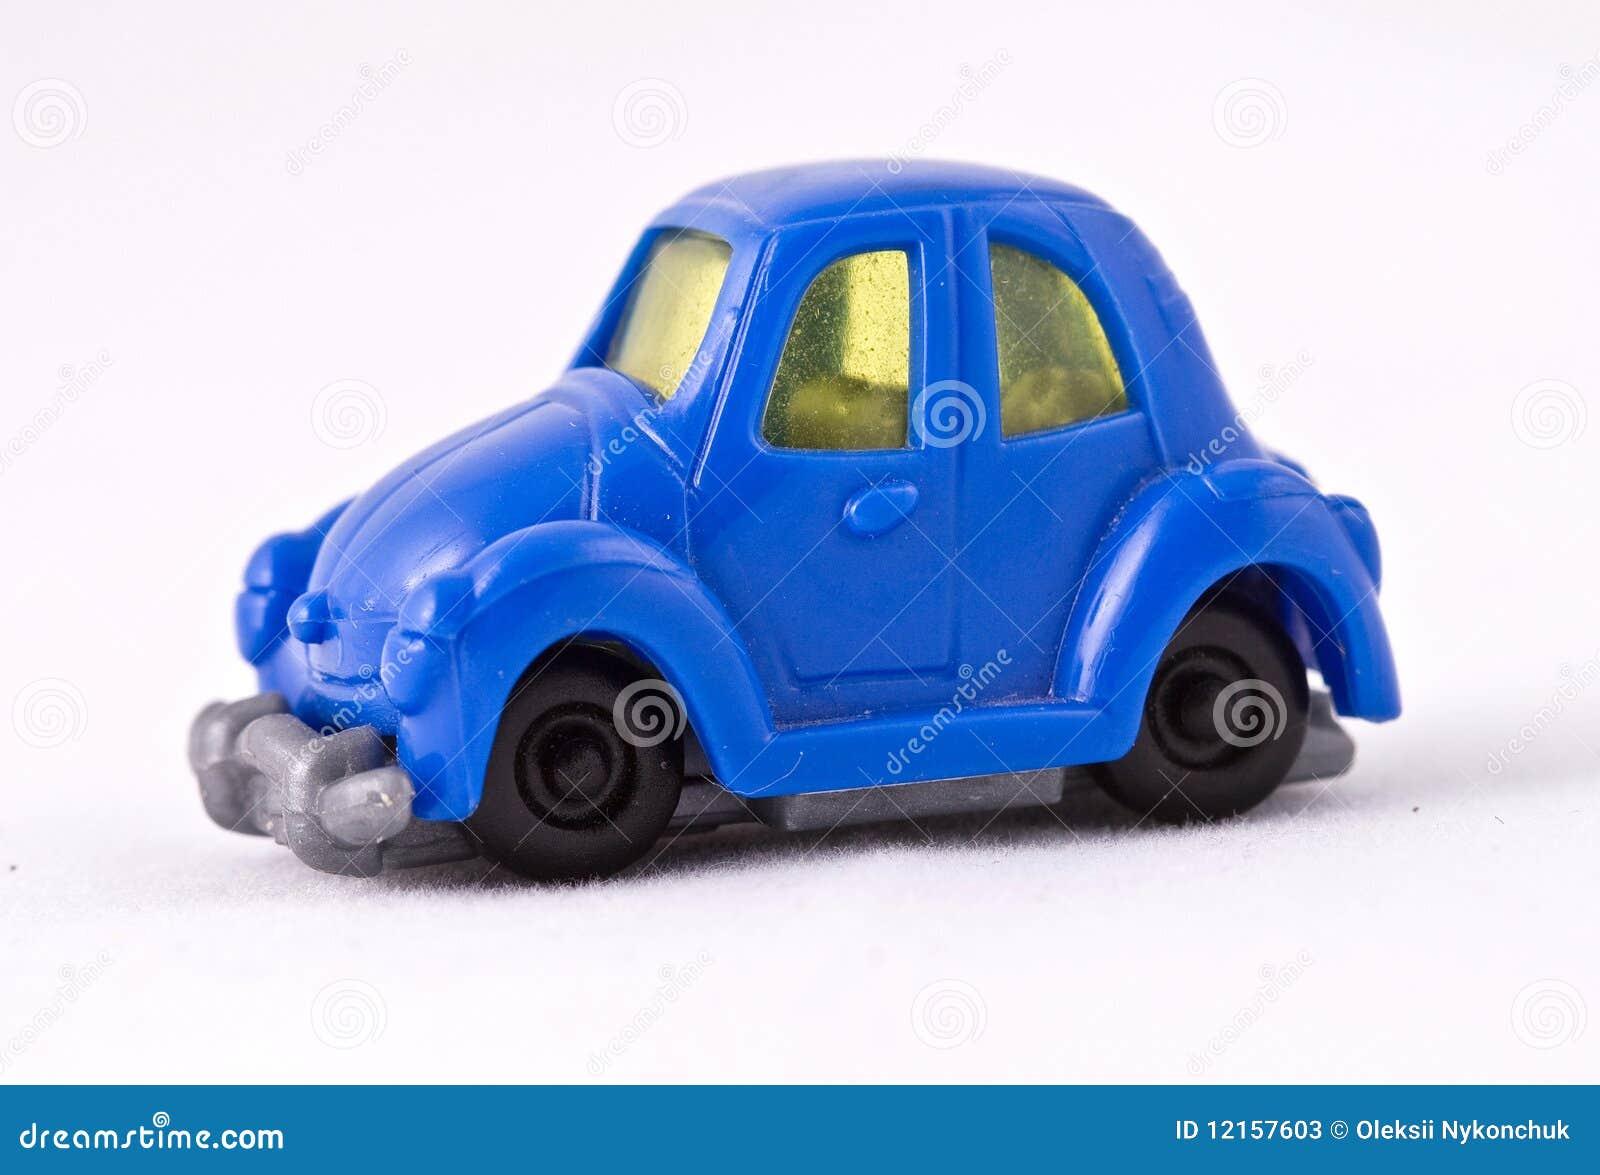 blue toy car stock photos image 12157603 Sand Clip Art Hawaii Beach Theme Background Clip Art